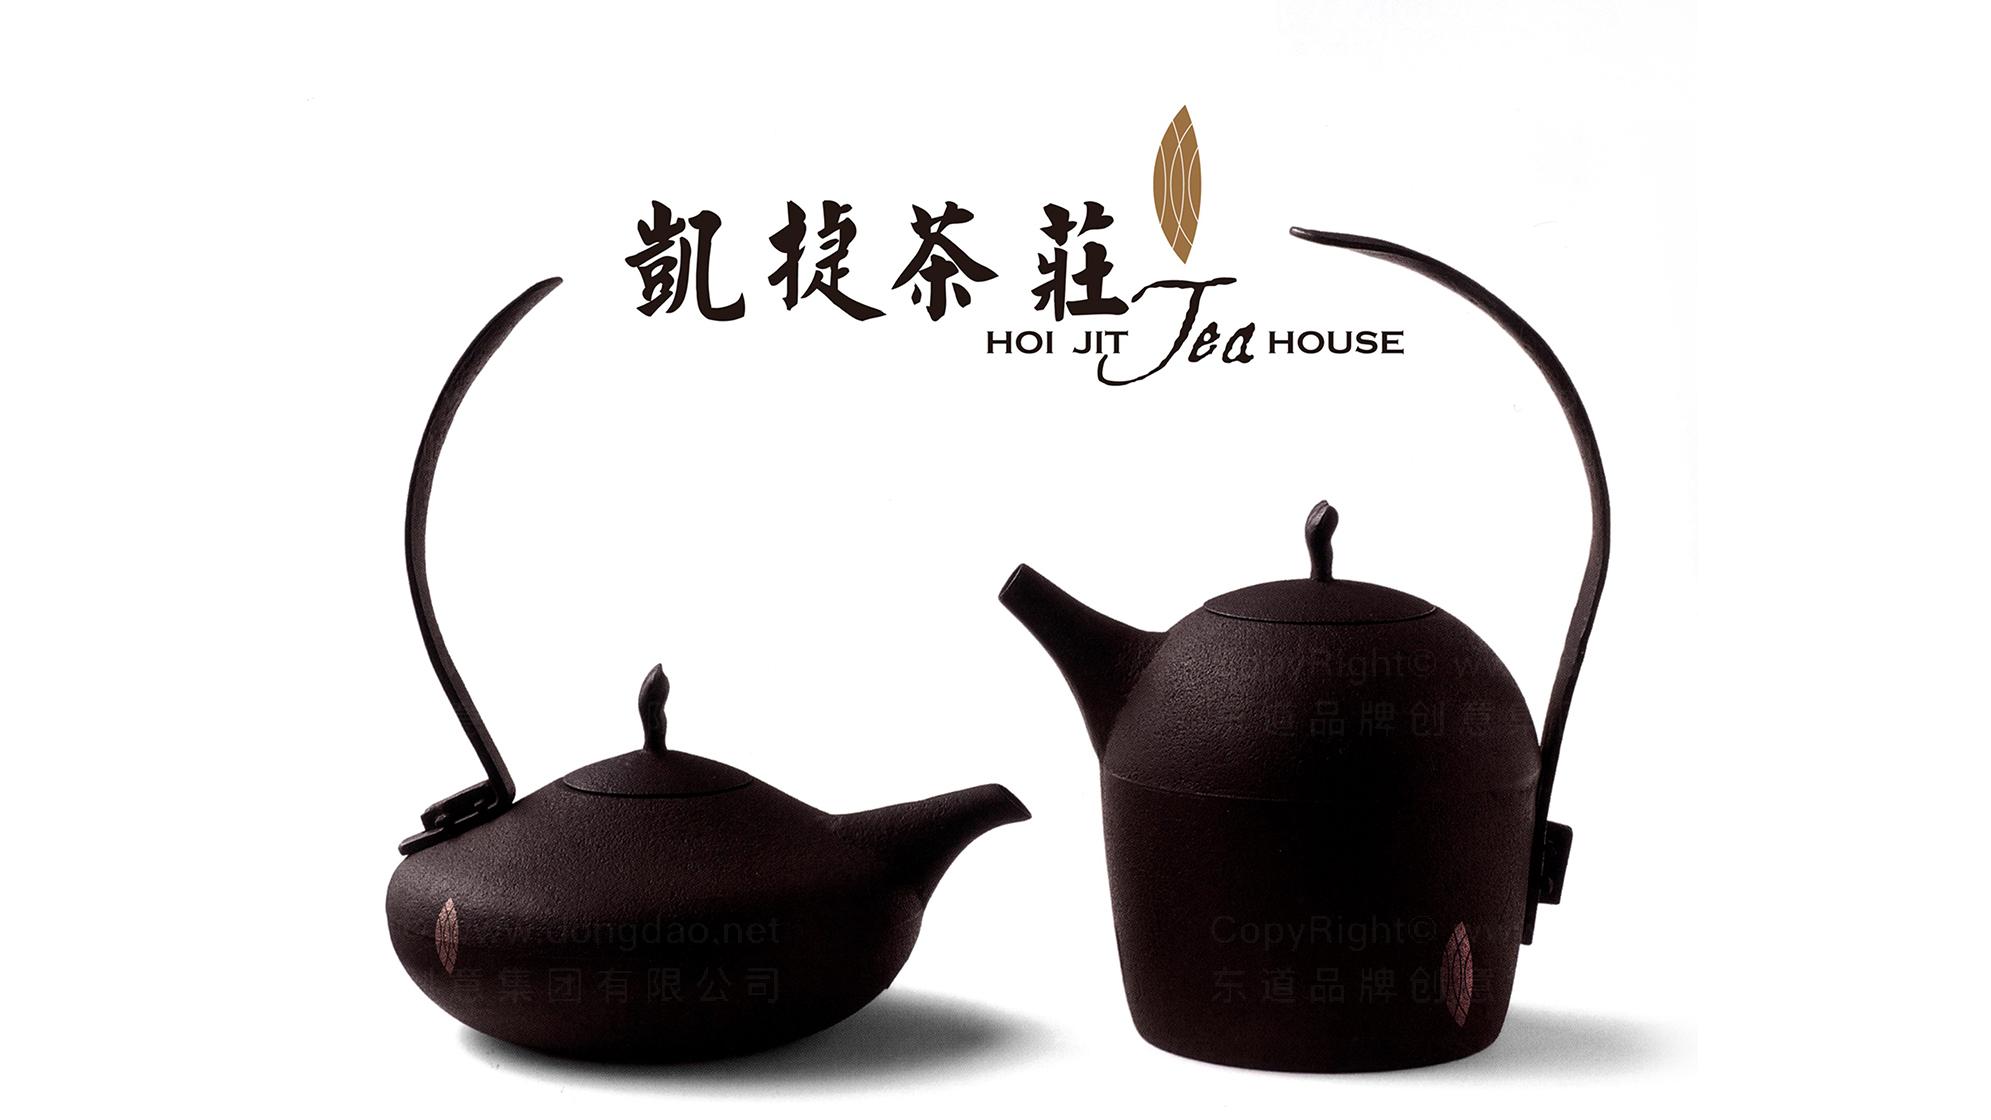 品牌设计凯捷茗茶LOGO&VI设计应用